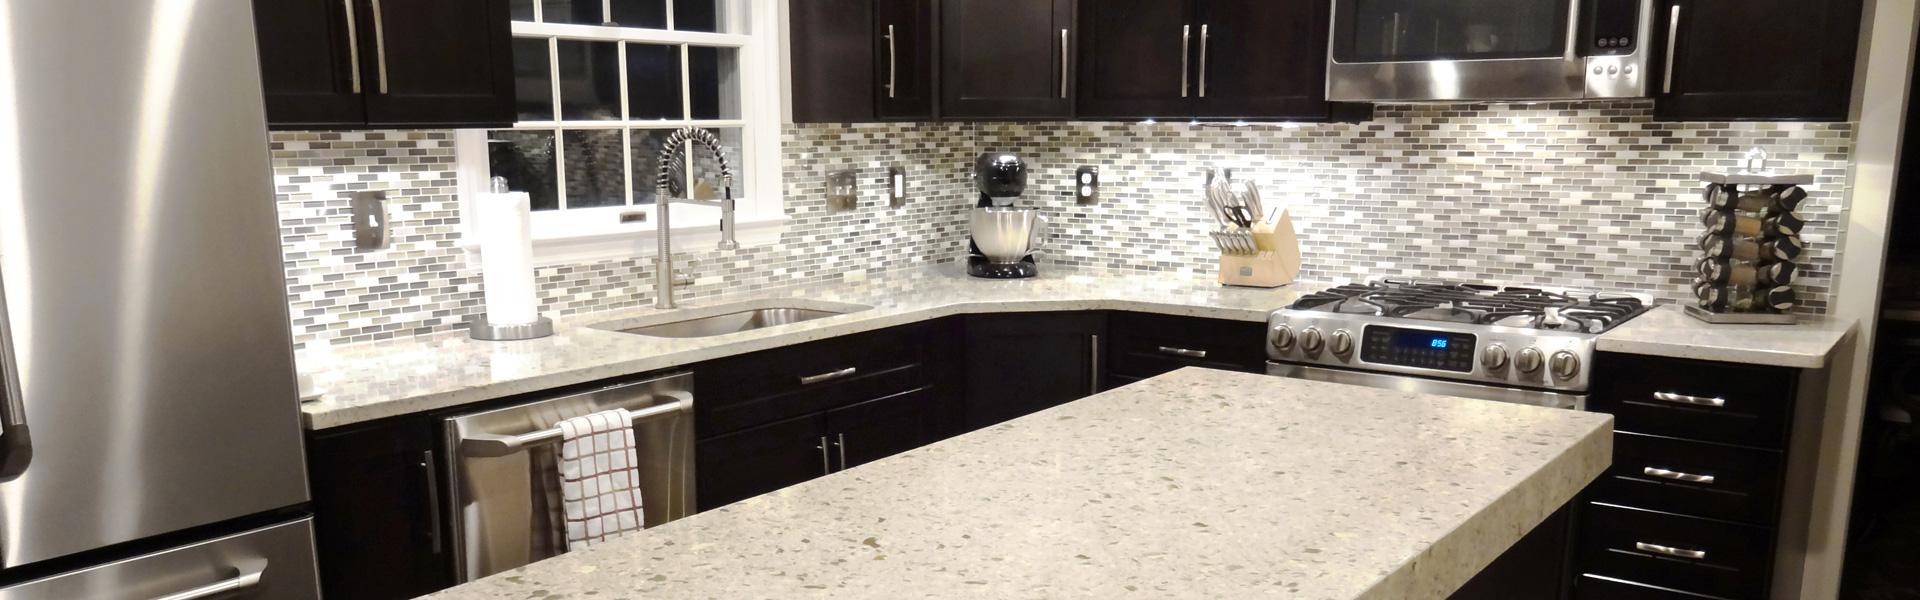 Washington marble and granite - Washington Marble And Granite 41